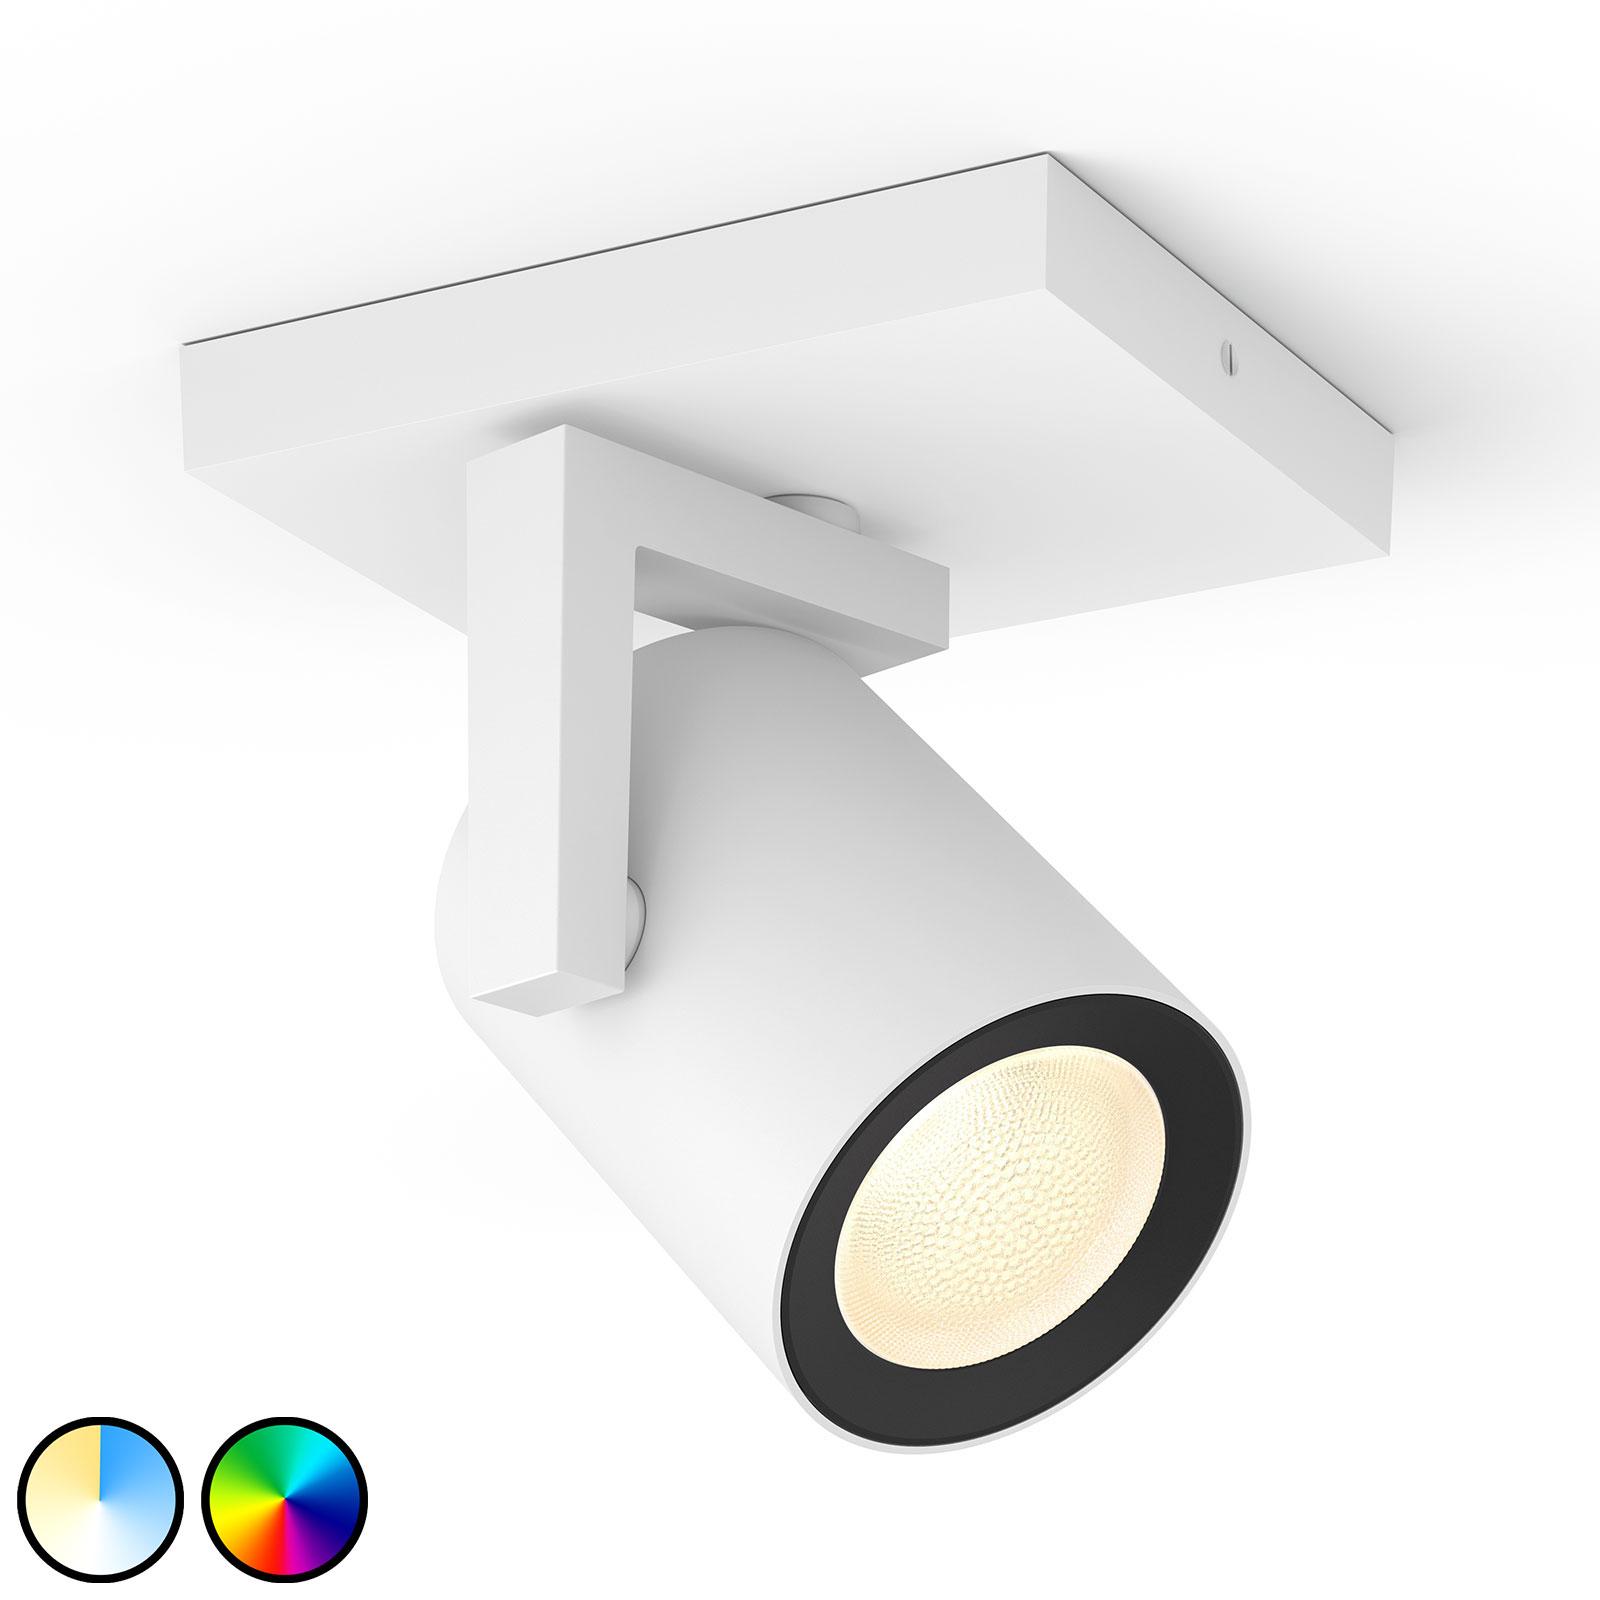 Philips Hue Argenta LED-spot, 1 lyskilde, hvid